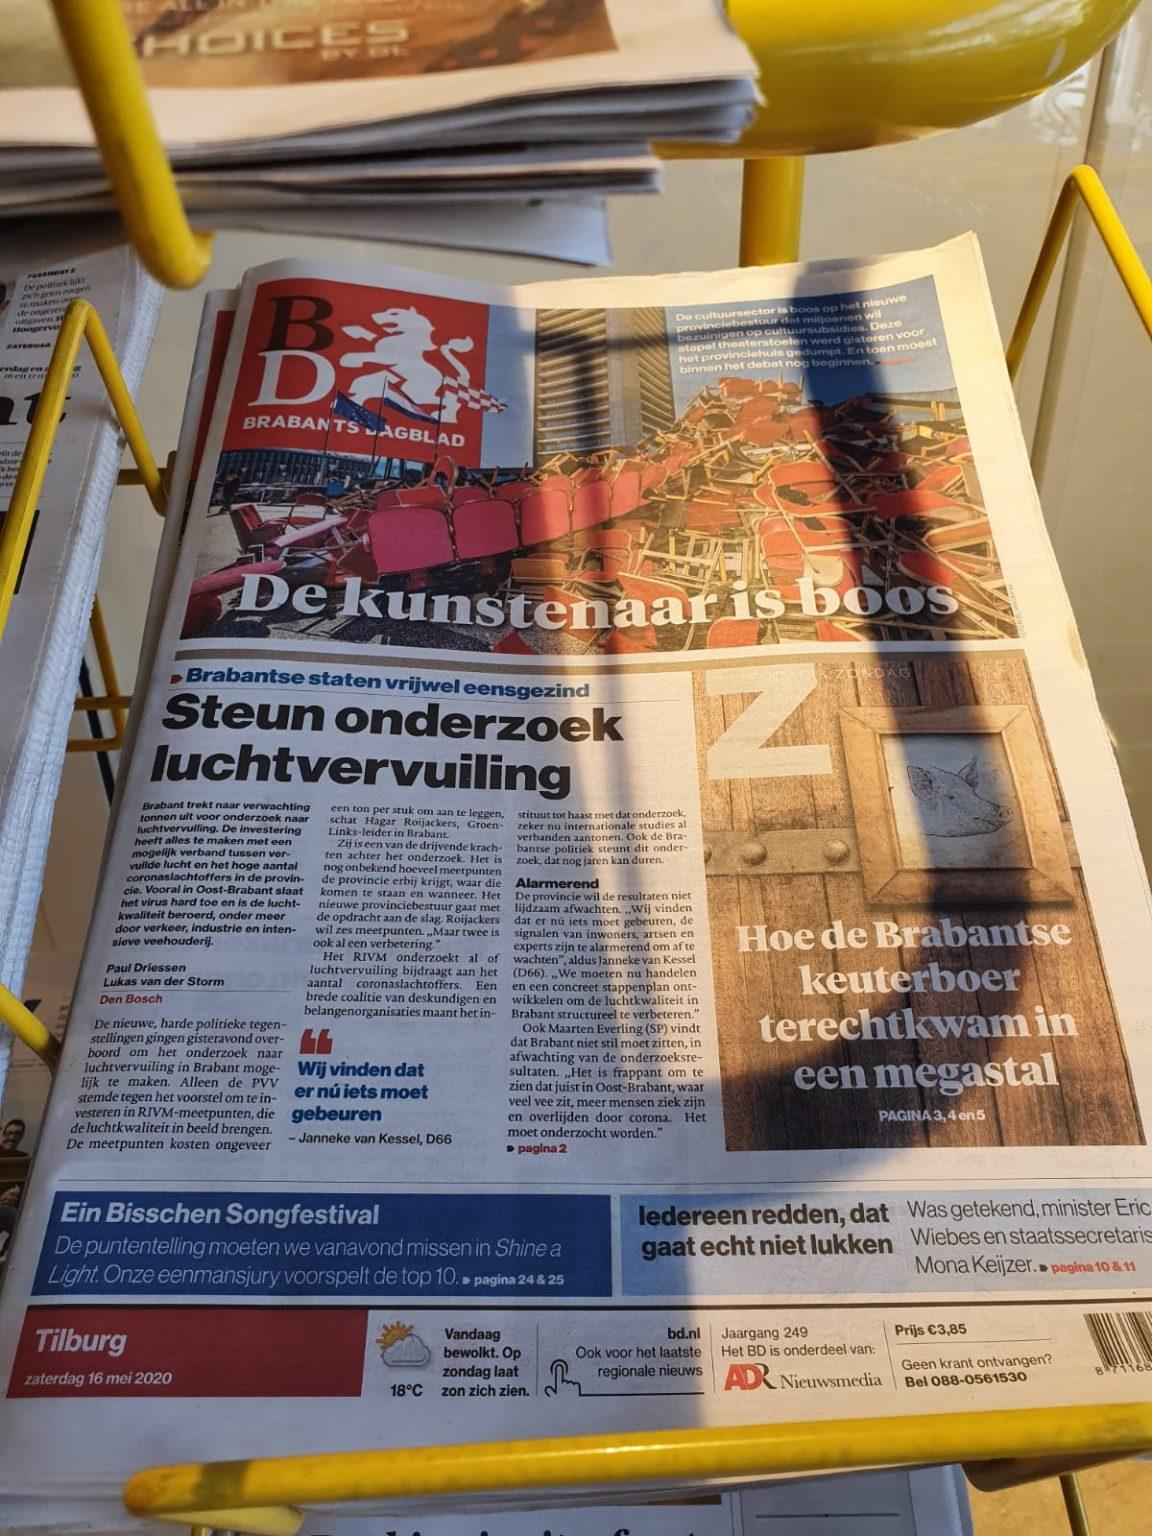 Theater Artemis - Voorpagina Brabants dagblad, 16 mei 2020